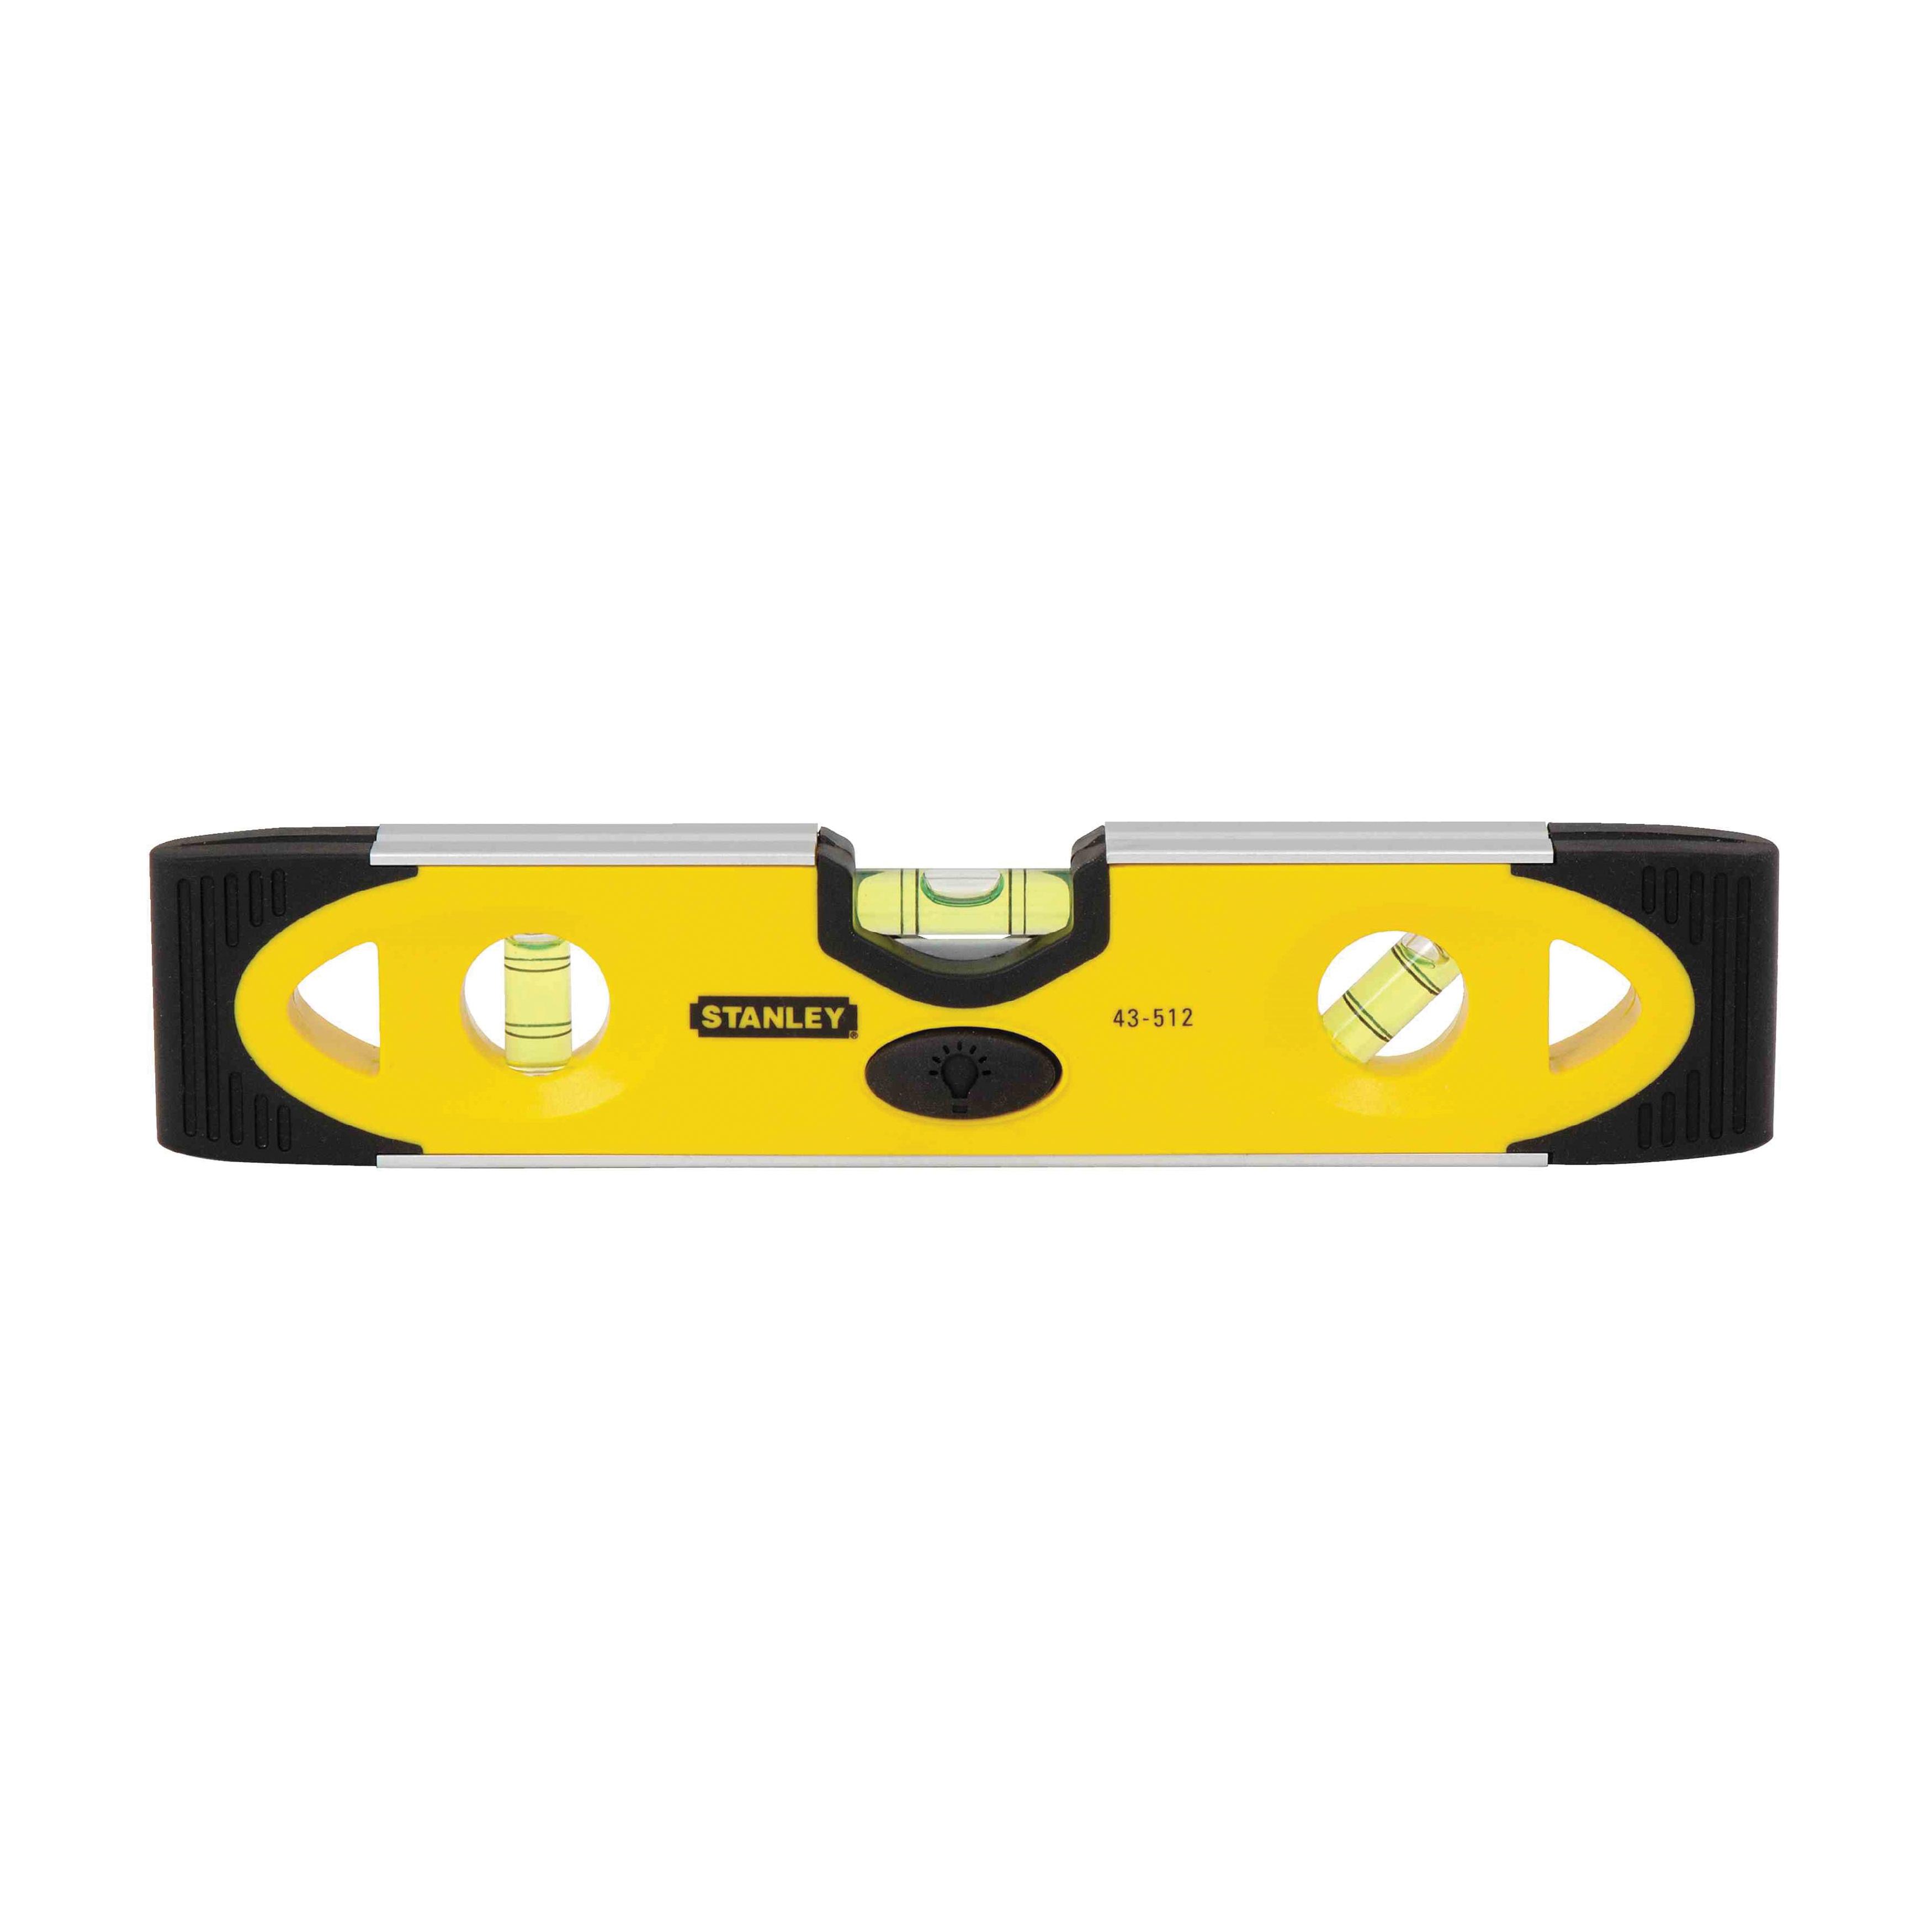 Stanley® 43-512 Lighted Magnetic Shock Resistant Torpedo Level, 9 in L, 3 Vials, (1) Level, (1) Plumb, (1) 45 deg Vial Position, 0.002 in, Aluminum